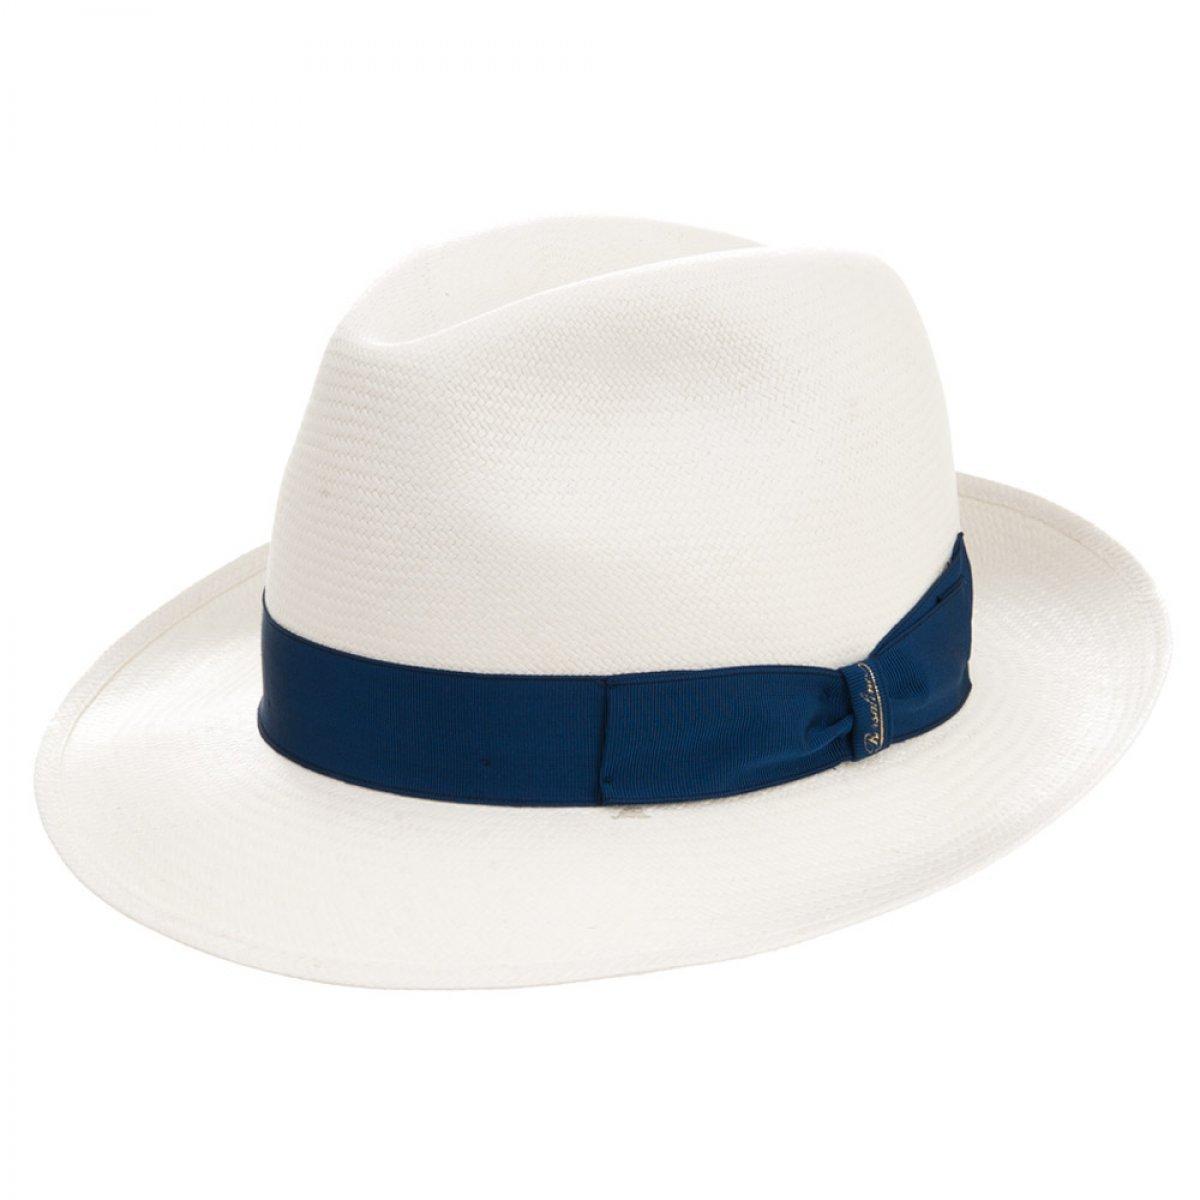 Cappello Panama firmato BORSALINO ... 2e5e03ab1049